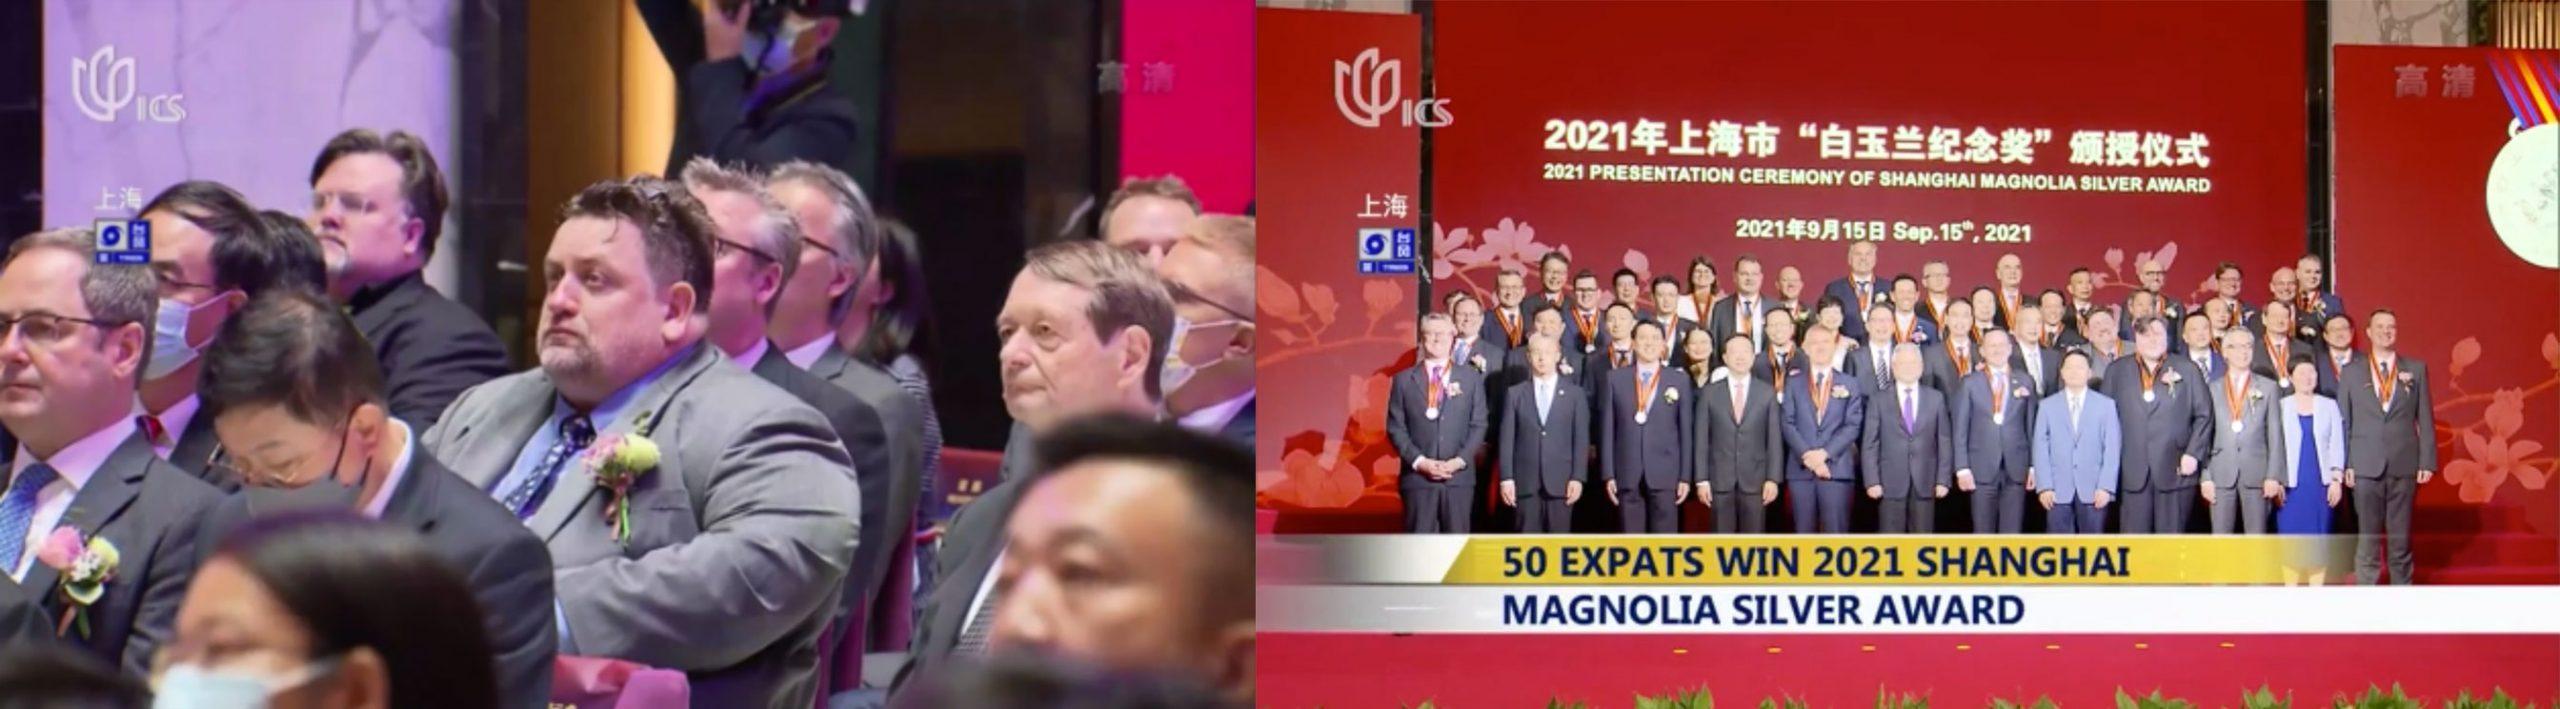 视频 50 EXPATS WIN 2021 SHANGHAI MAGNOLIA SILVER AWARD